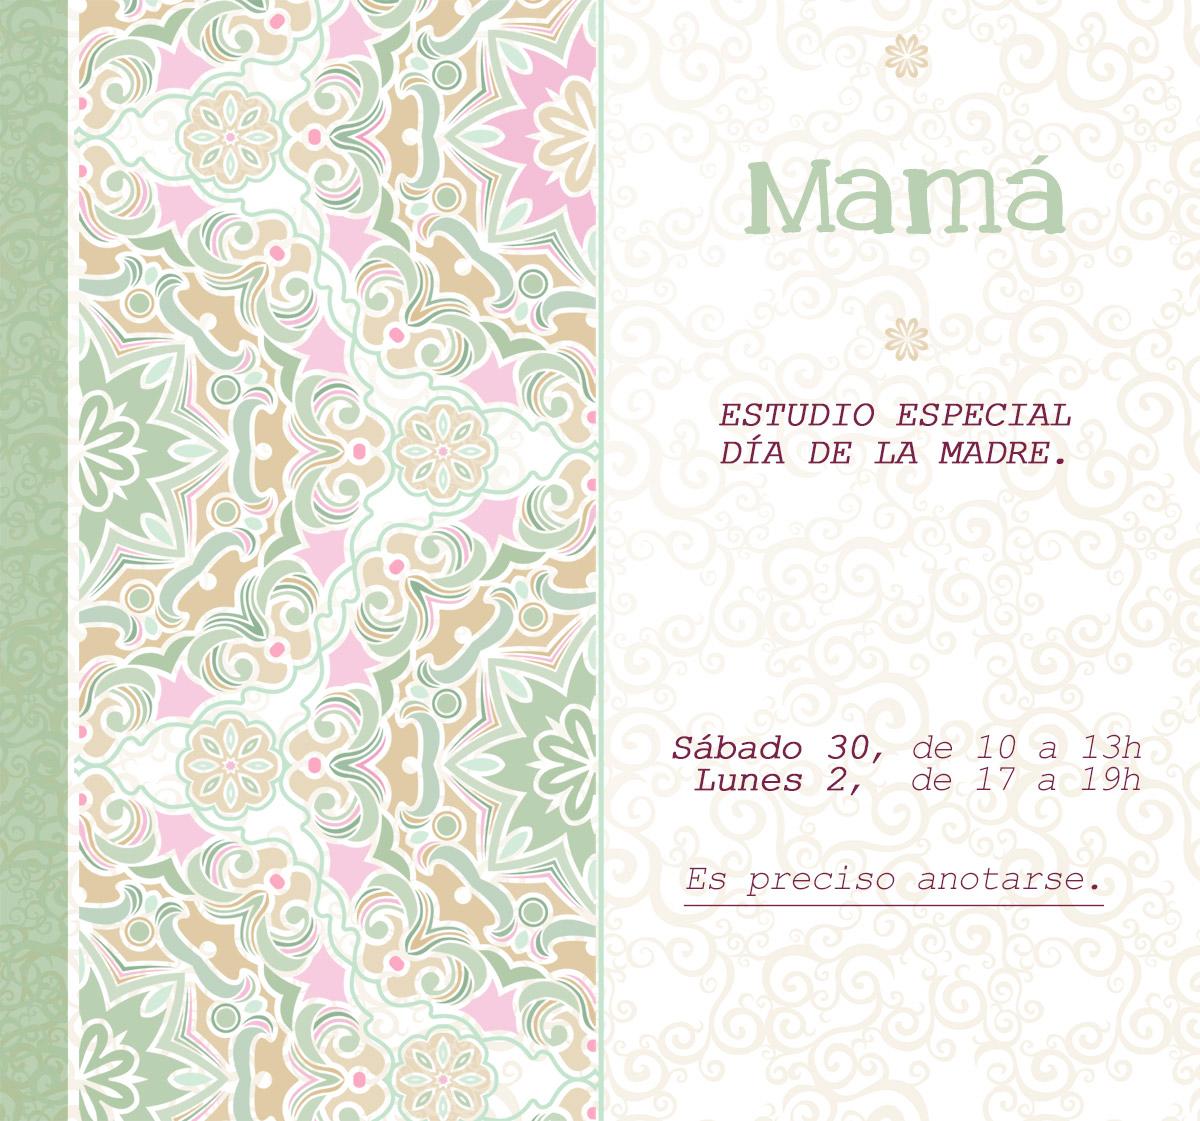 dia-de-la-madre-evento